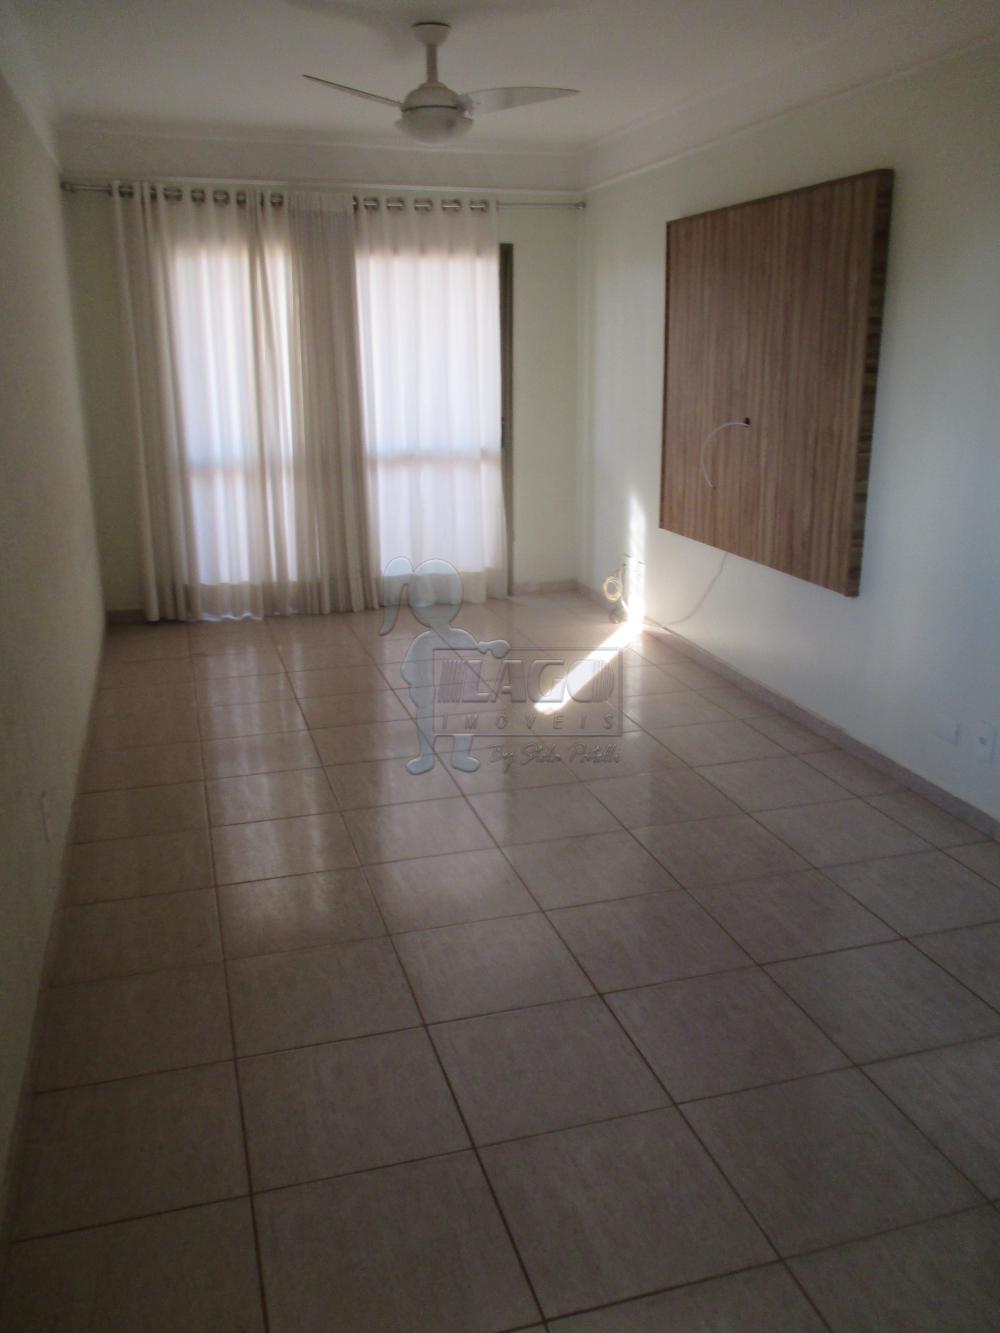 Ribeirao Preto Apartamento Venda R$320.000,00 Condominio R$490,00 3 Dormitorios 1 Suite Area construida 98.00m2